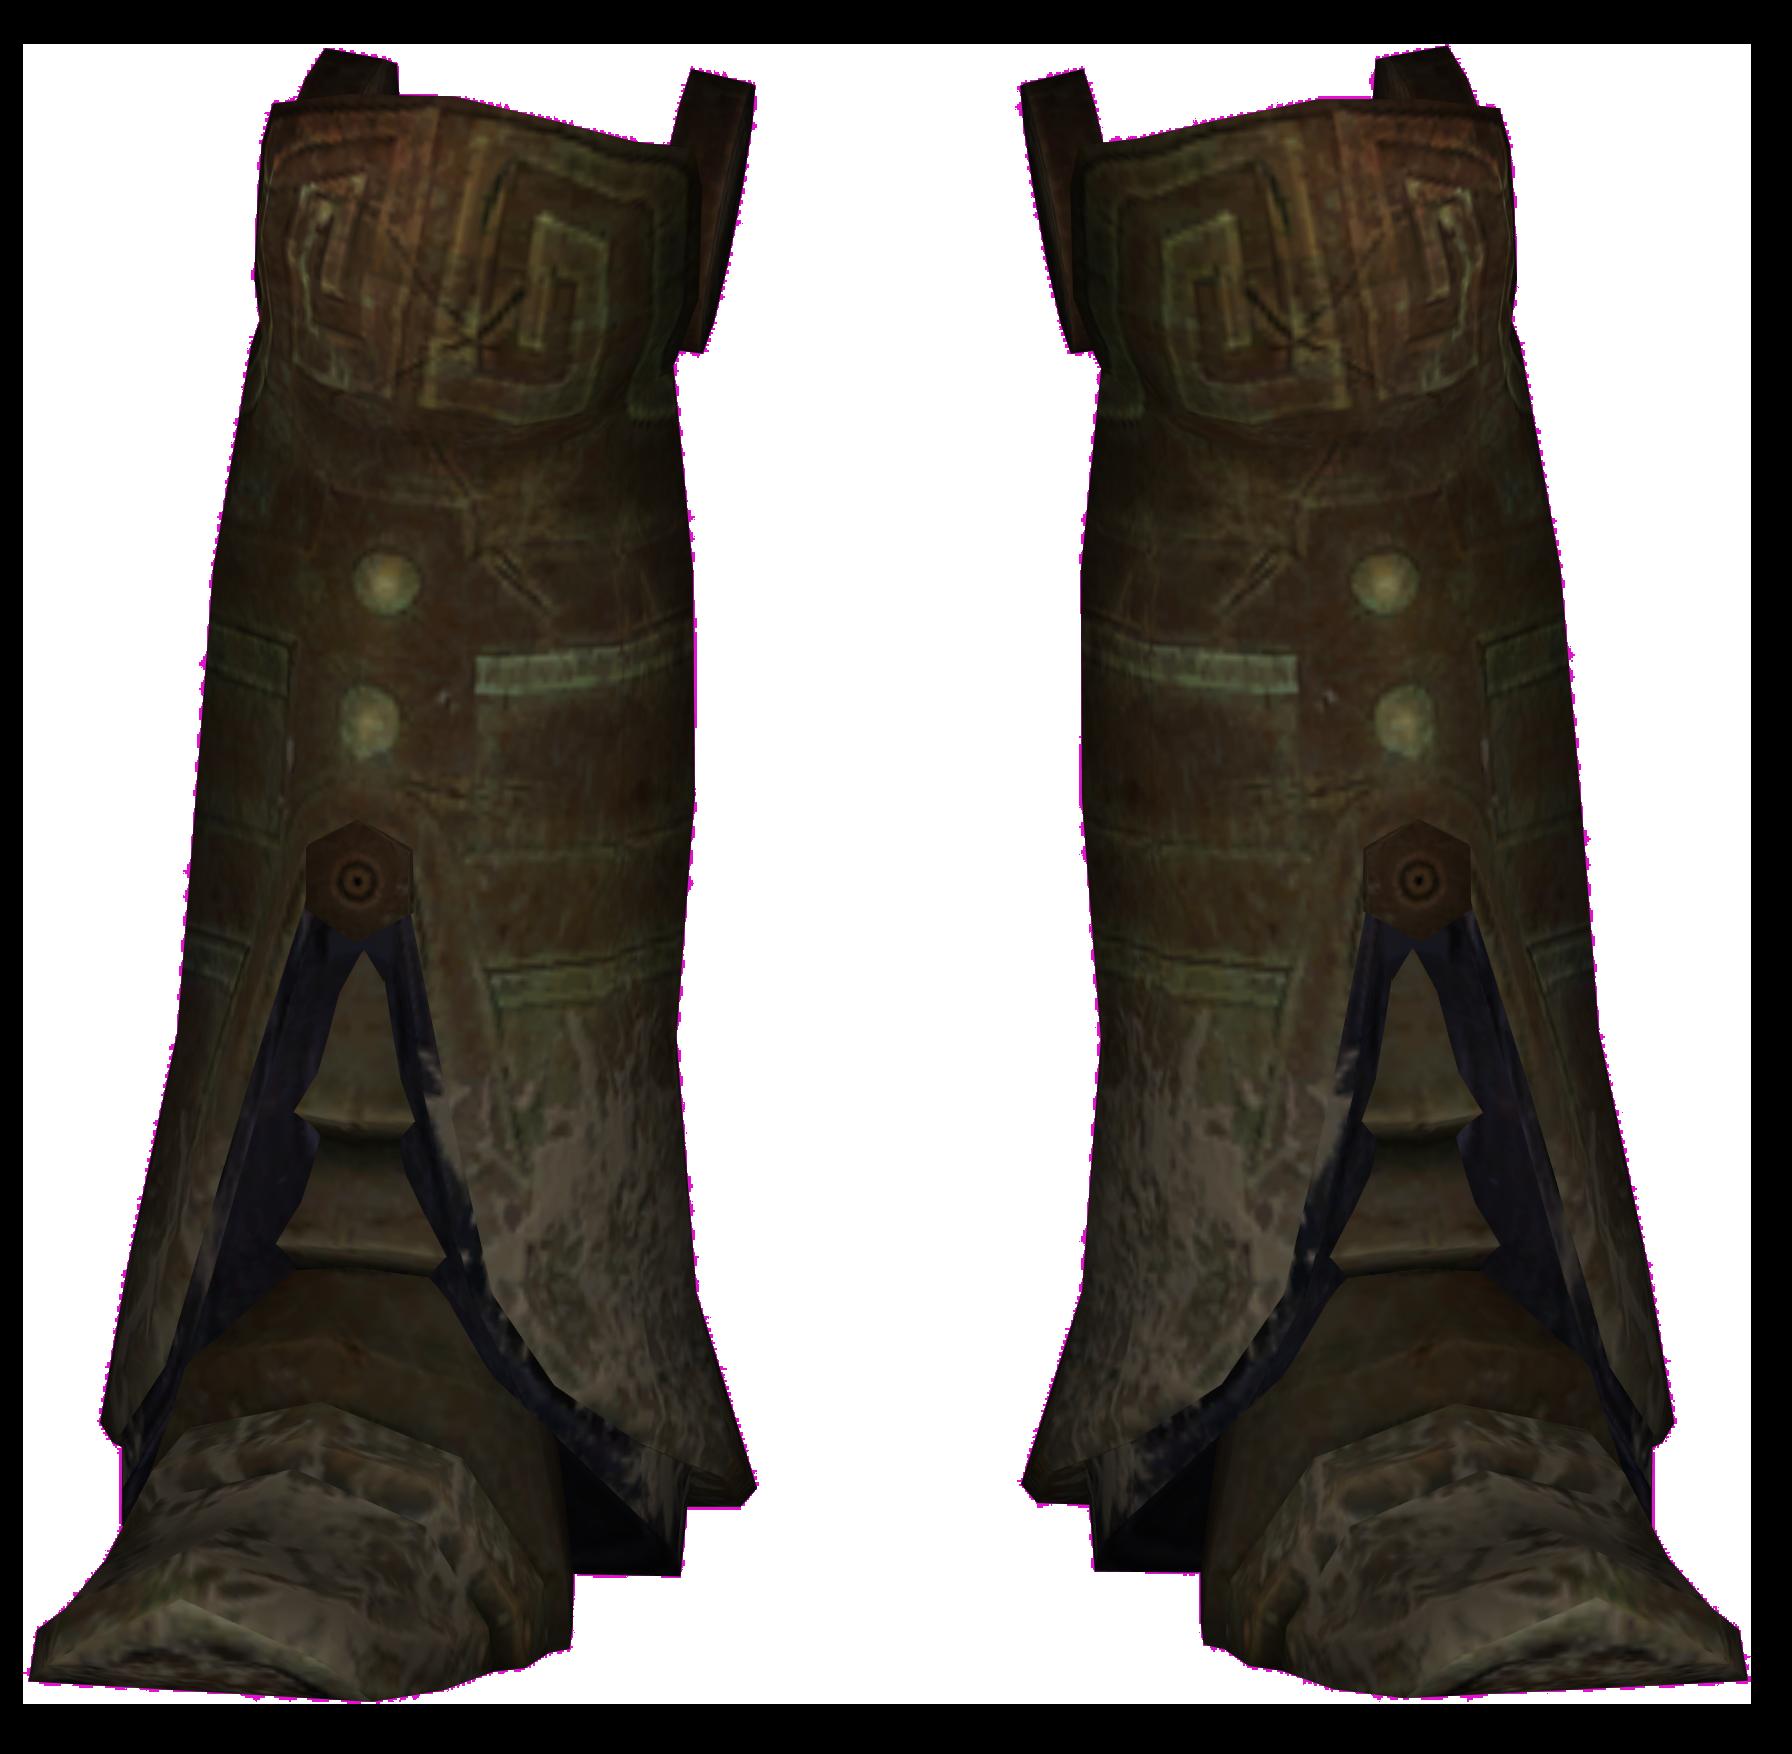 Dwarven Boots (Skyrim)